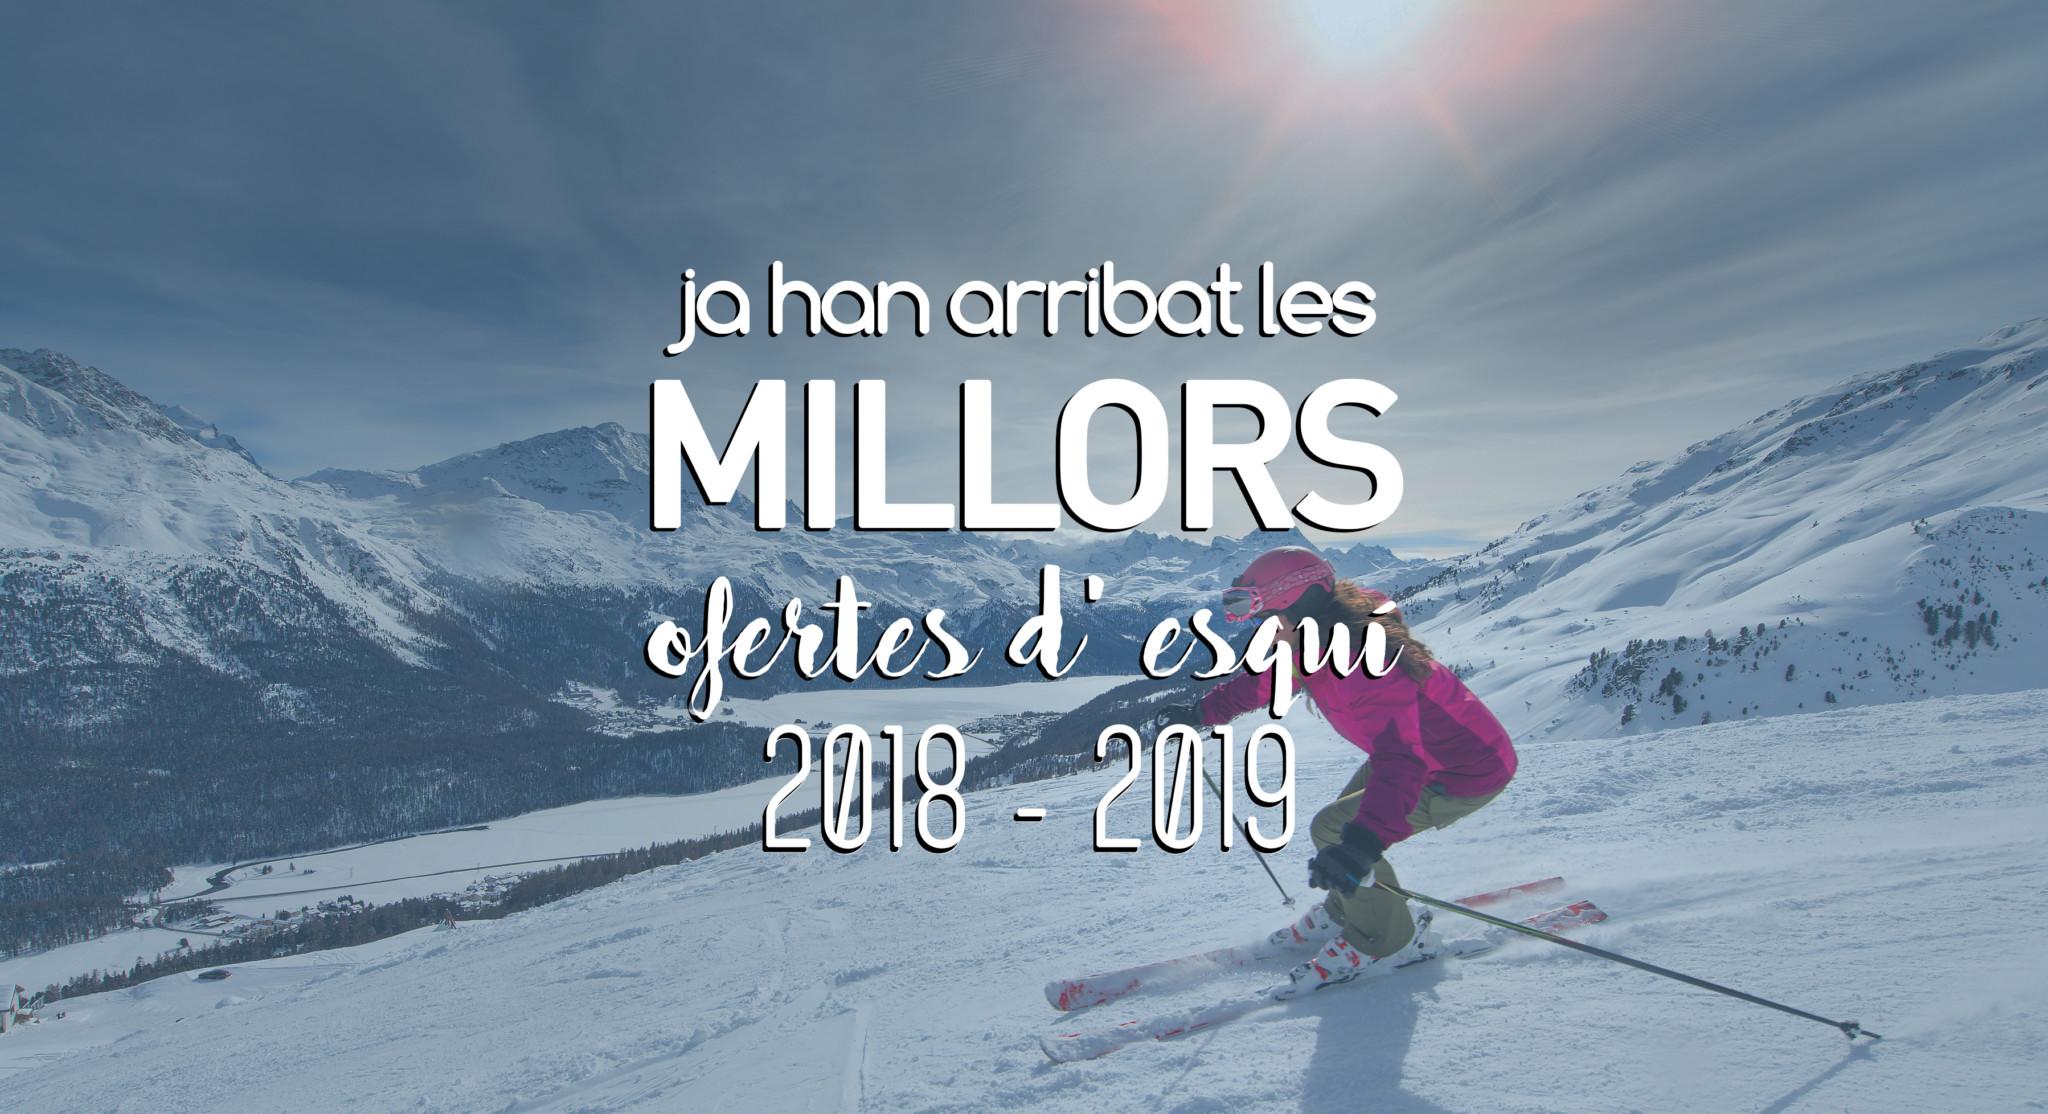 ofertes d'esquí 2018-2019